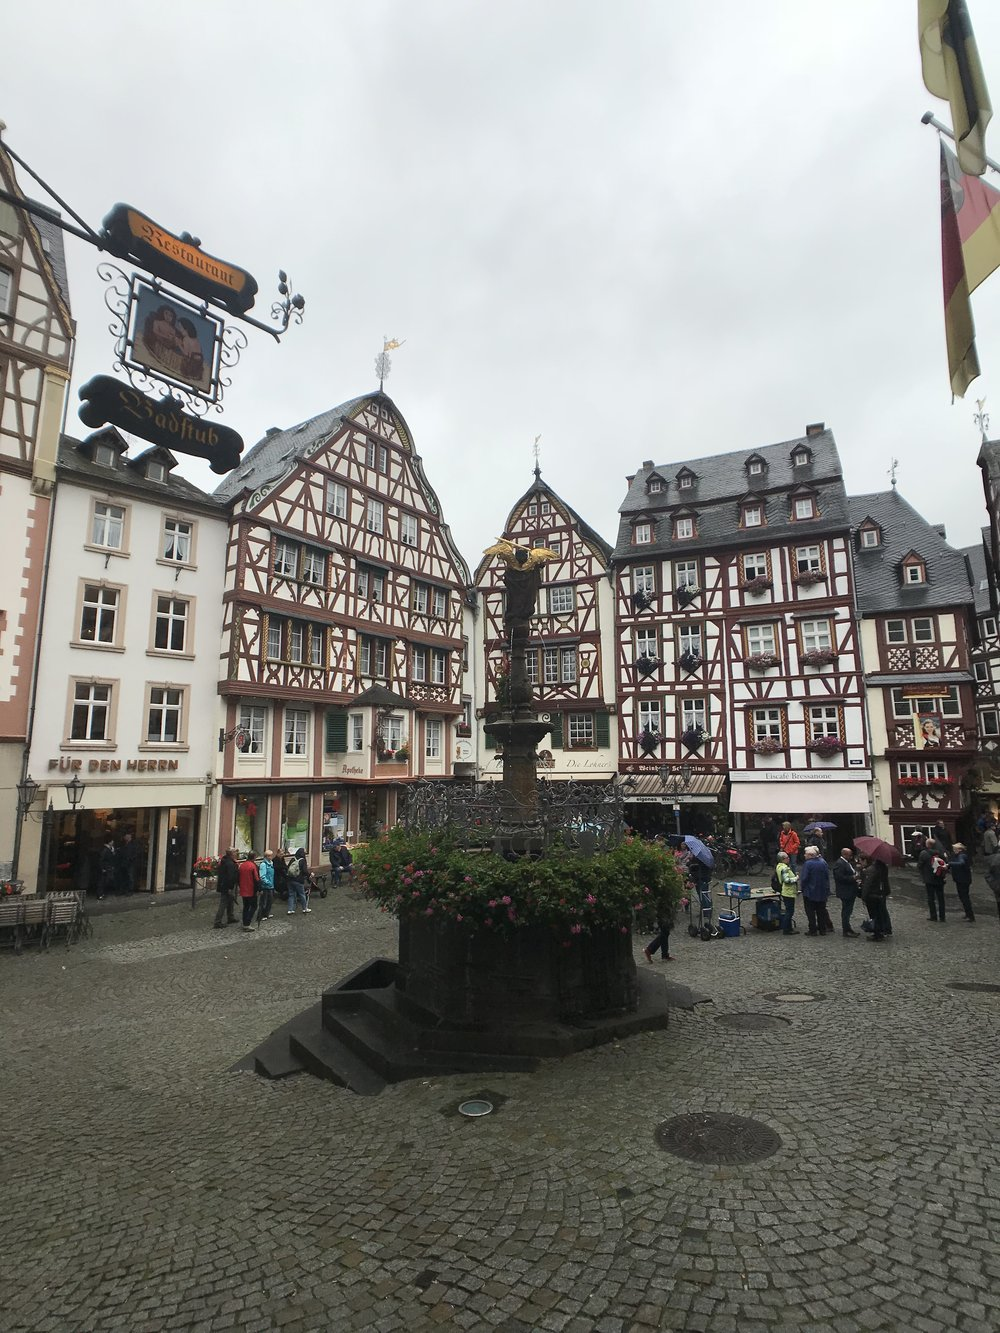 Der Marktplatz mit Brunnen in Bernkastel-Kues